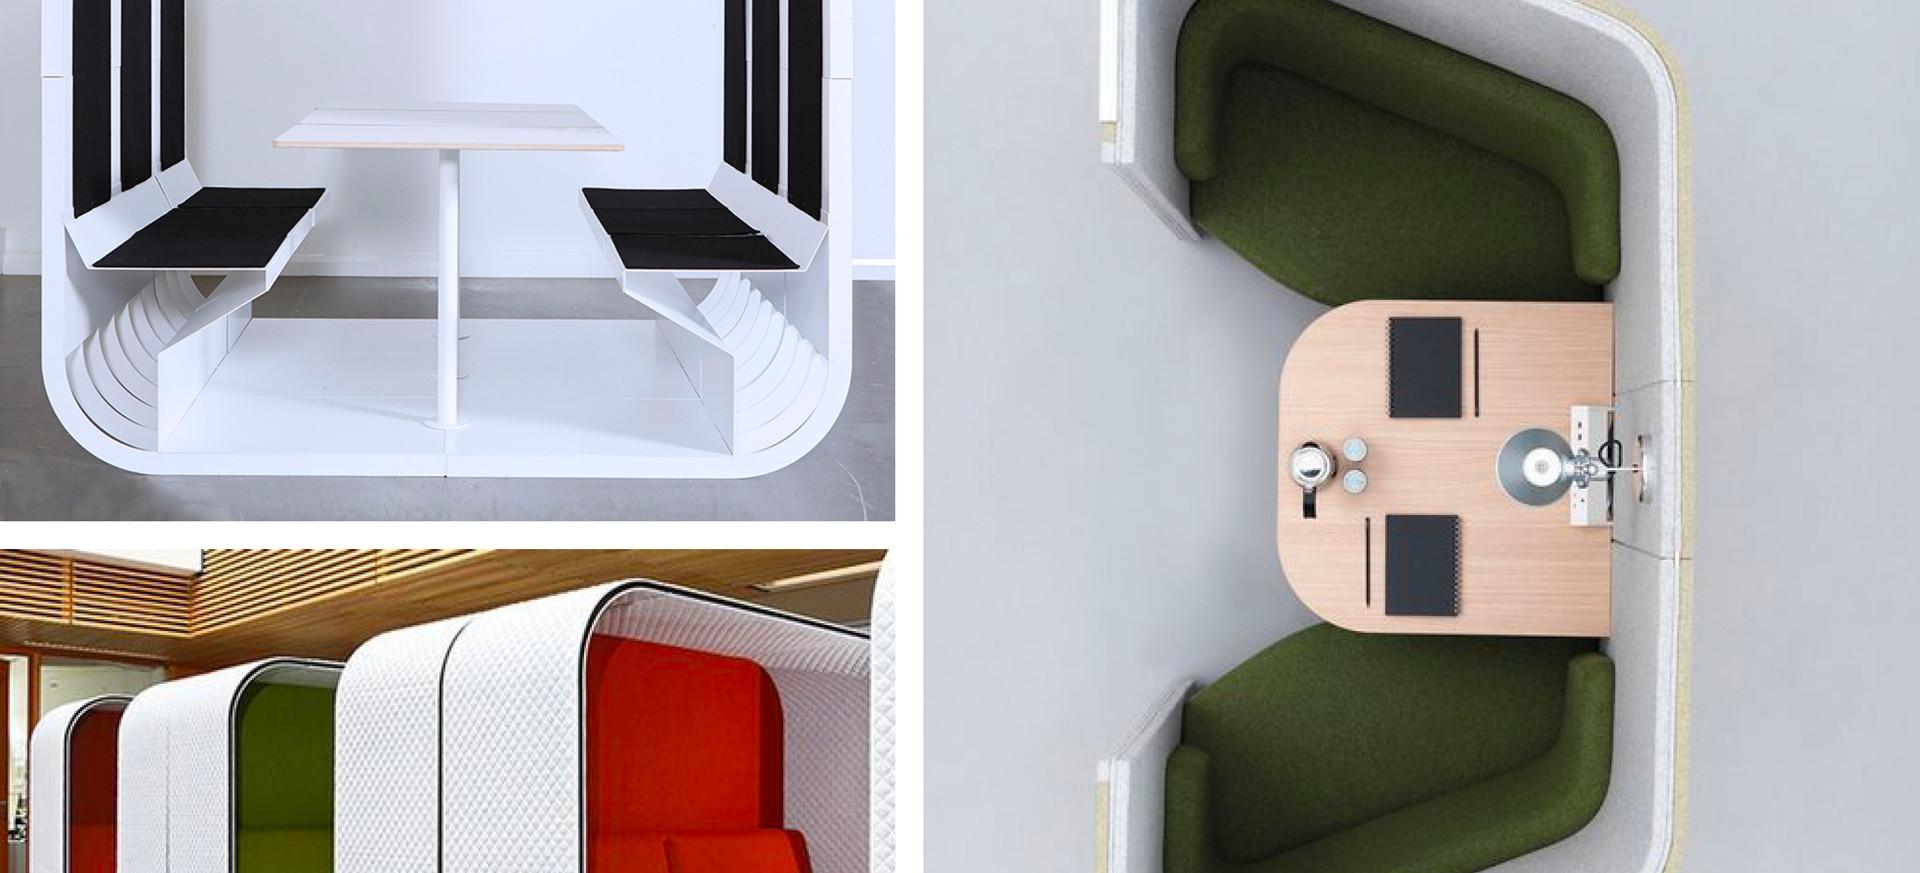 Porsche Design _Arabjan_A380_interieur-5